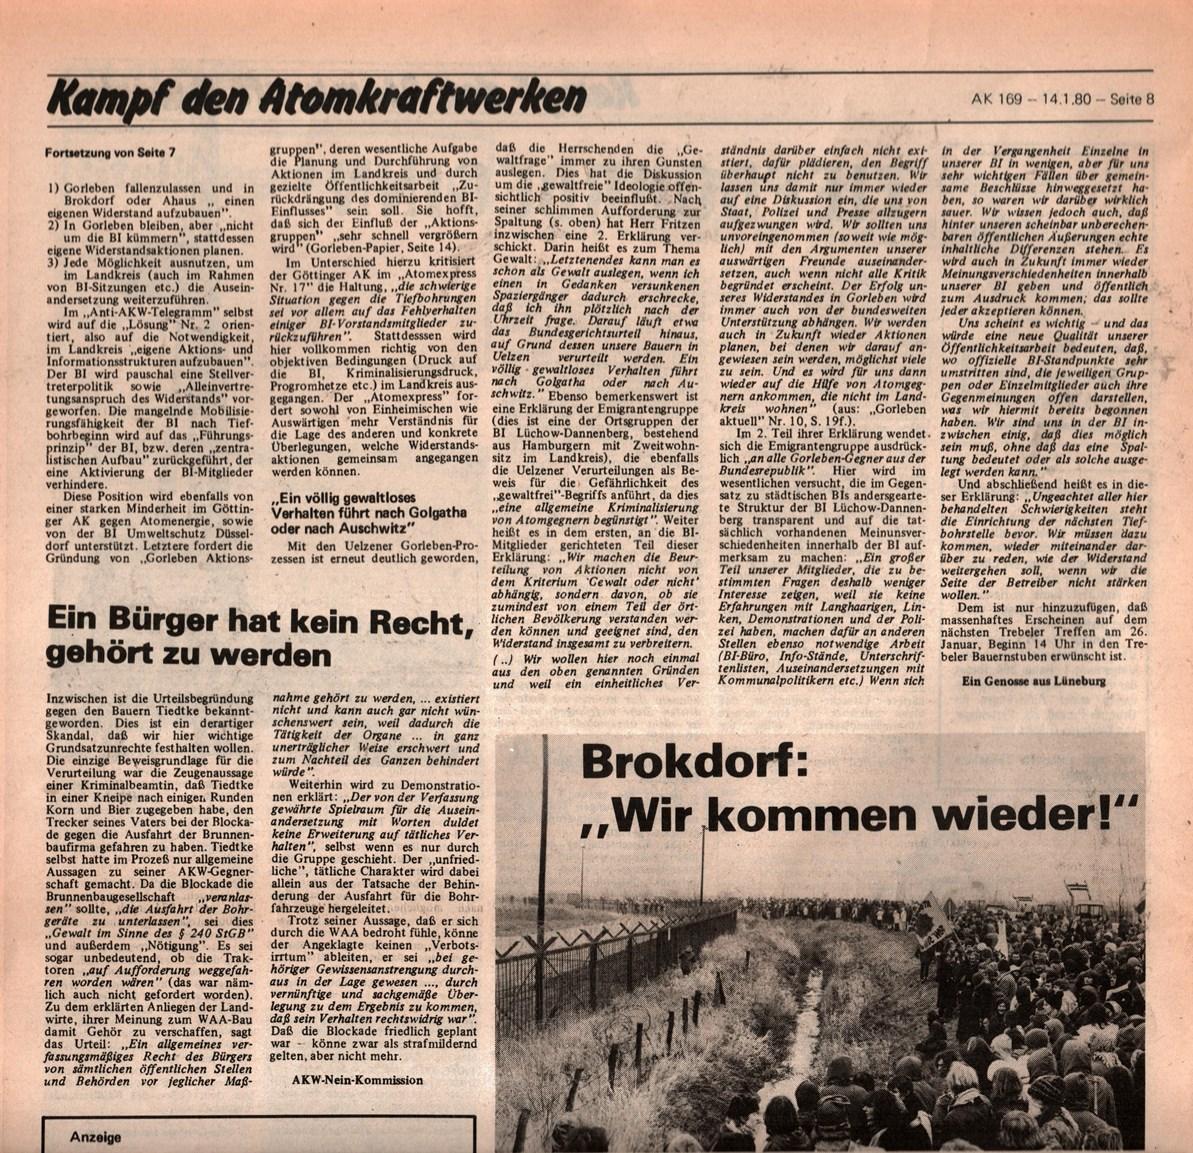 KB_AK_1980_169_011